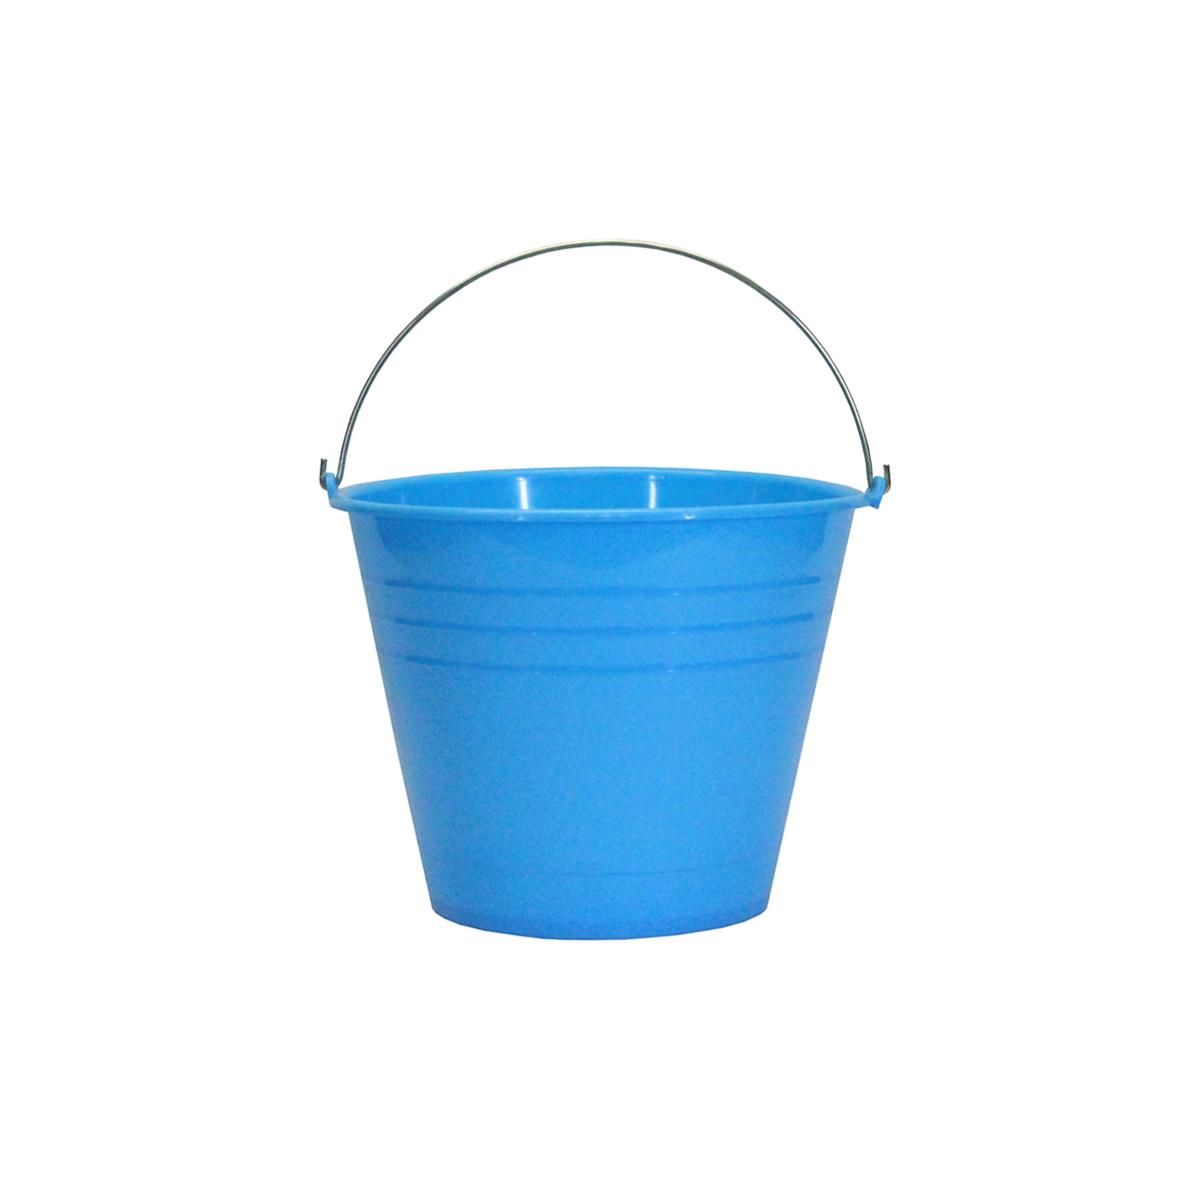 Cubeta de plástico colores surtidos #18 de 17 litros.